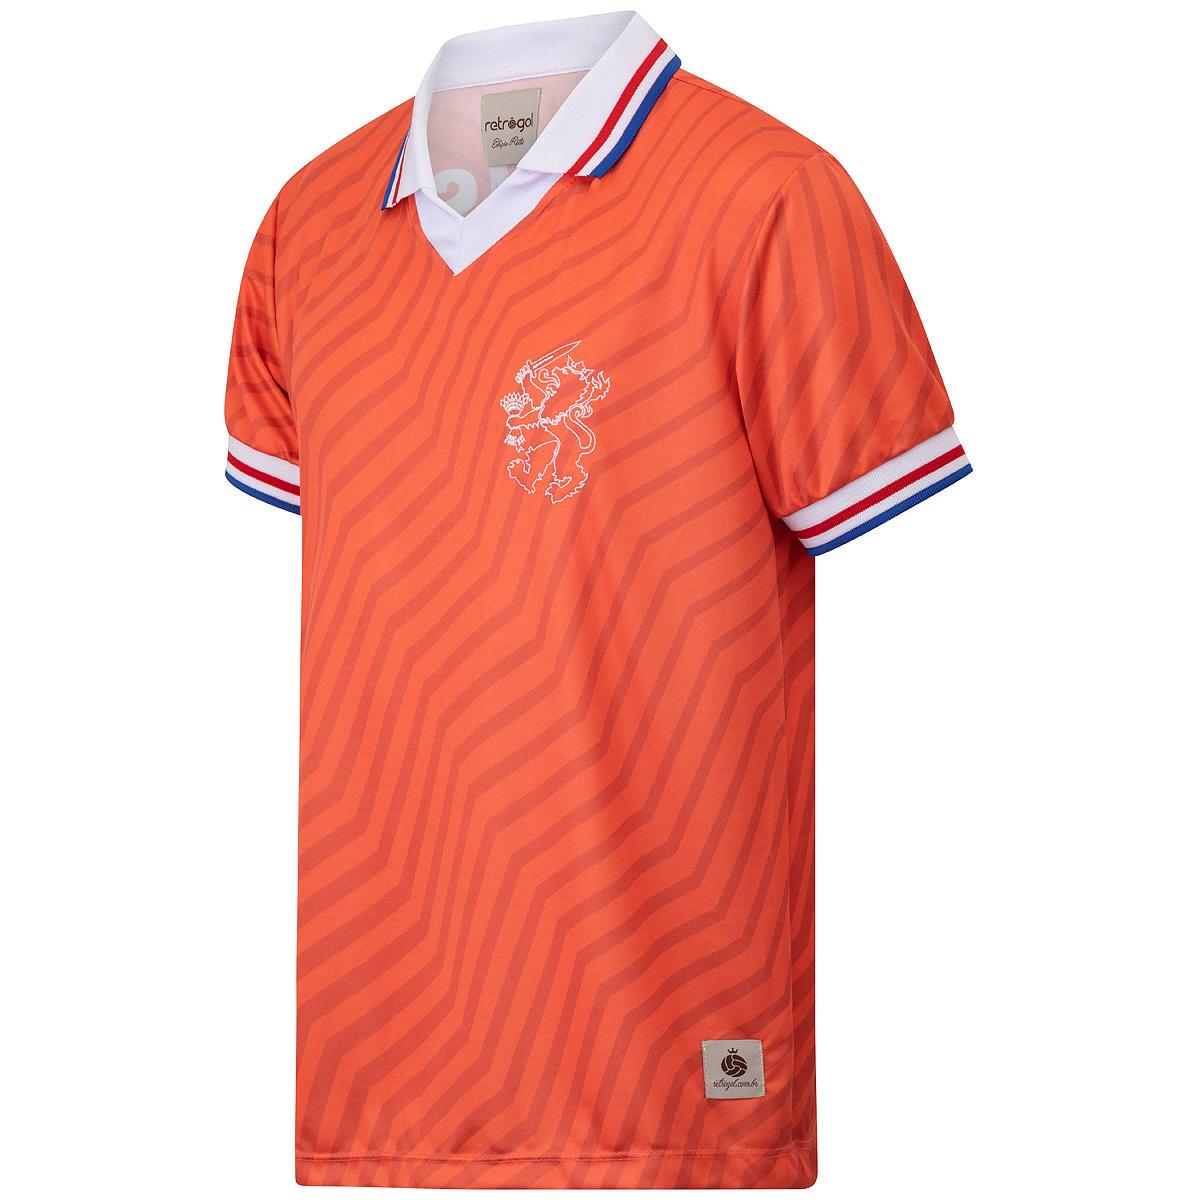 Camisa Holanda Retrô 1992 Van Basten Masculina